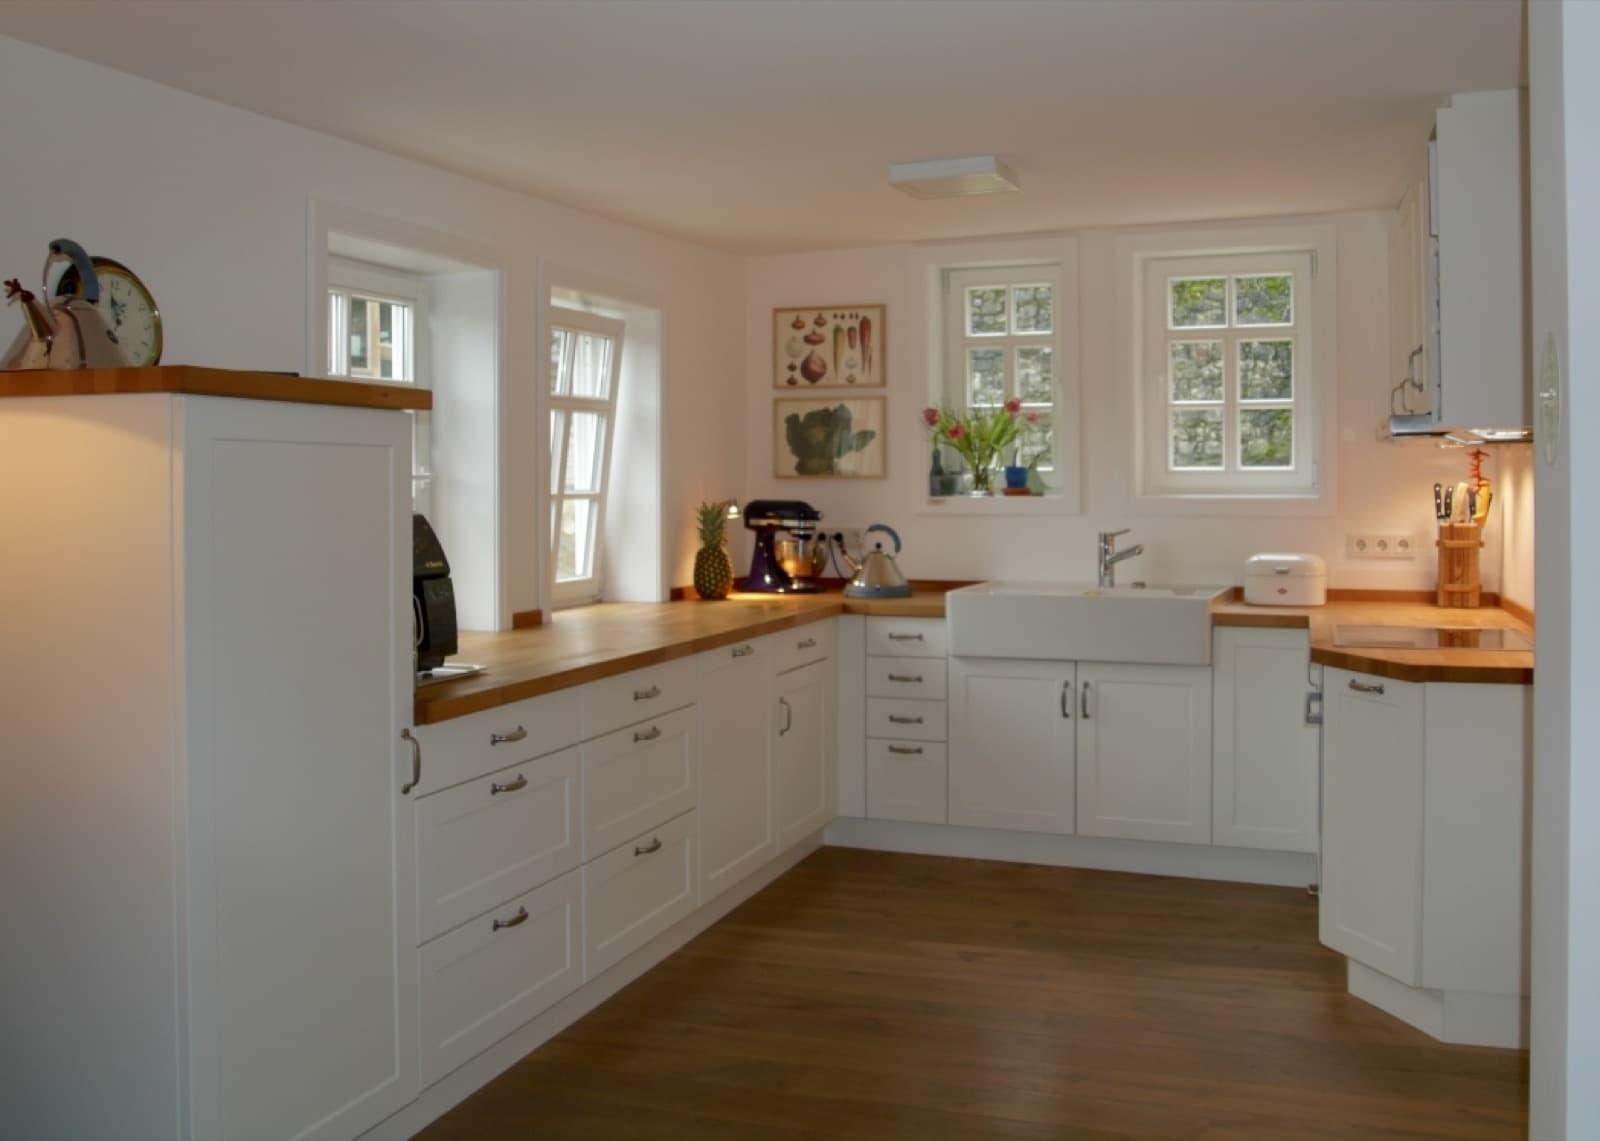 Landhausküche in traditioneller Gestaltung und gemütlicher Atmosphäre